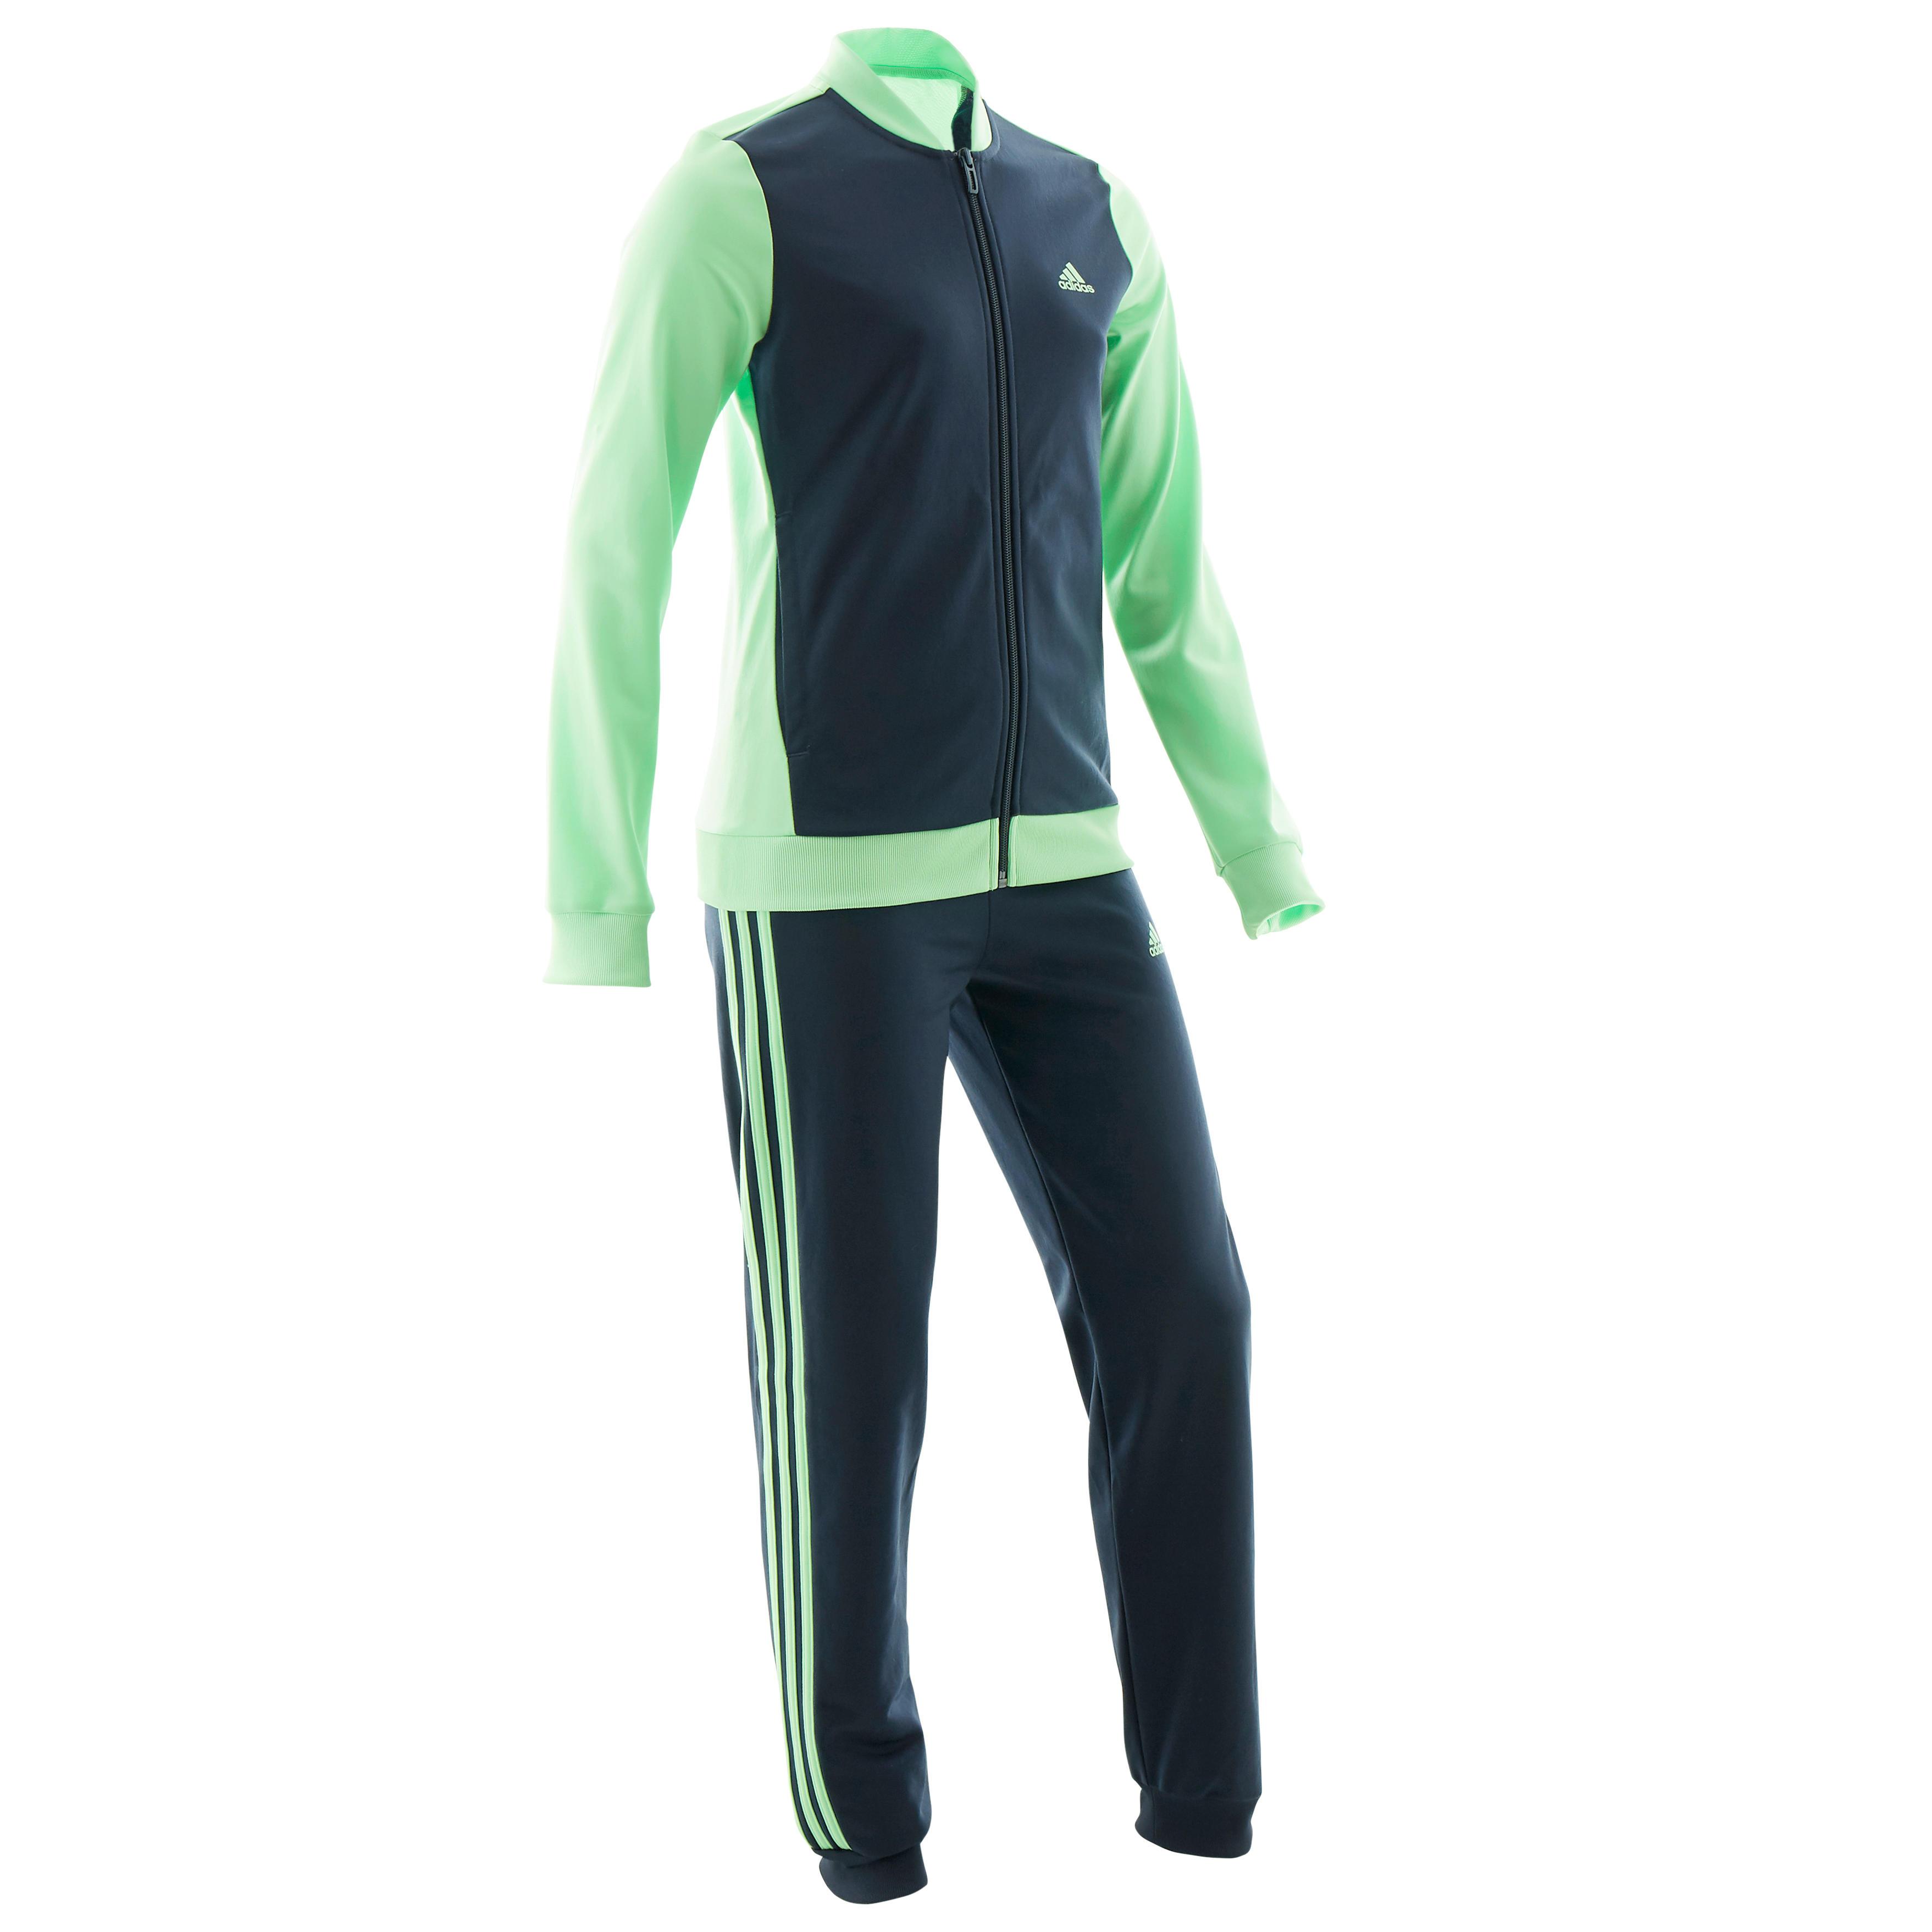 Trening Adidas verde fete